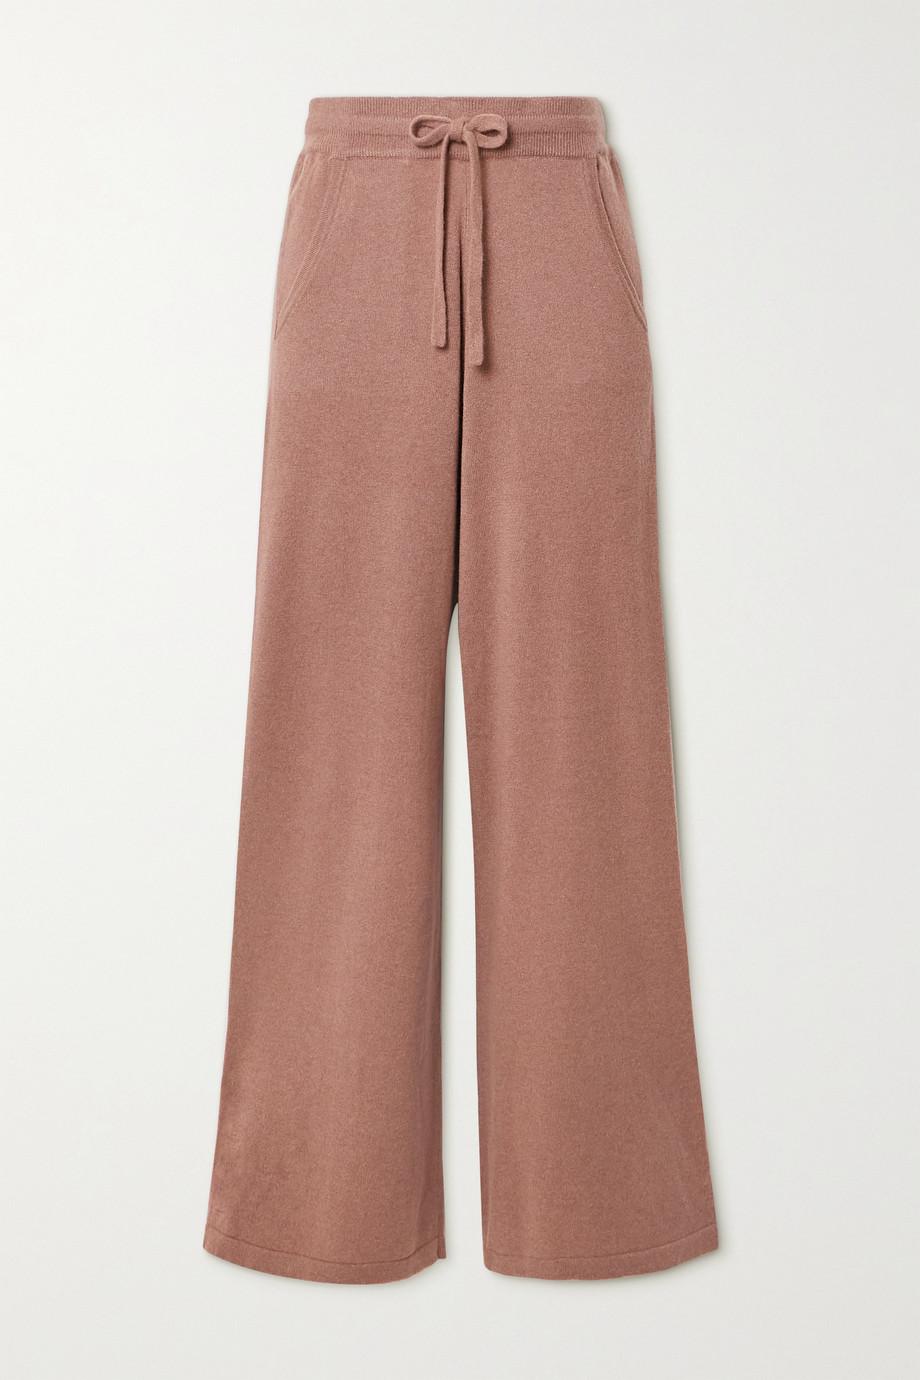 Arch4 Pantalon de survêtement en cachemire